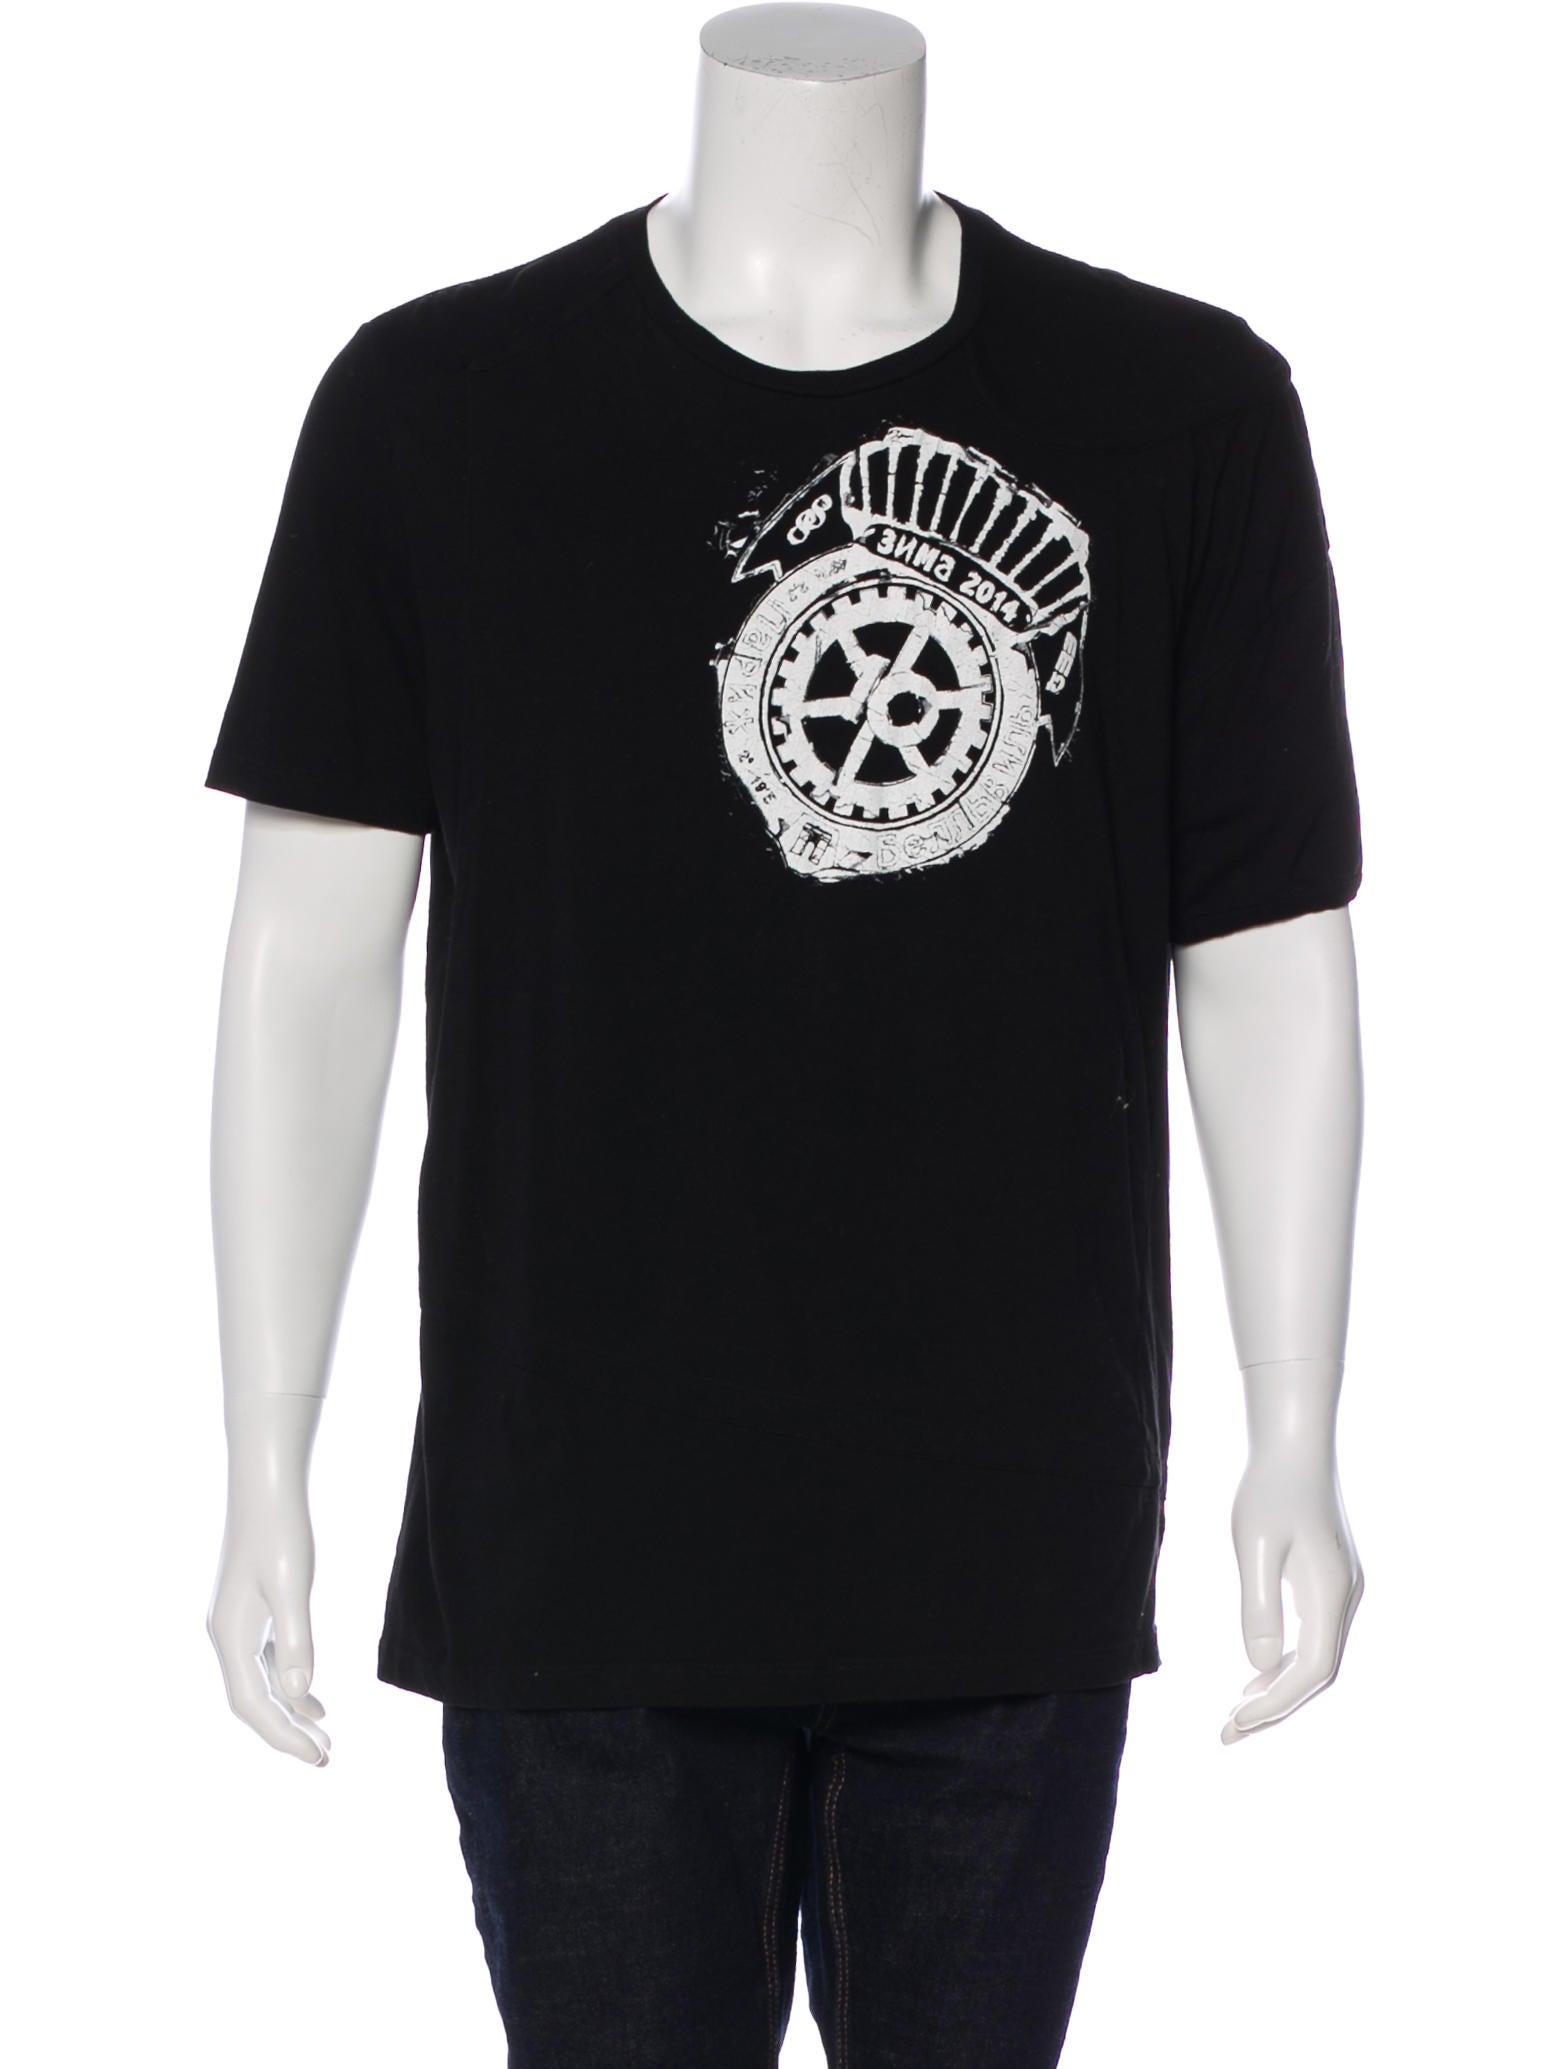 4ef12b9aff70 Maison Martin Margiela Graphic Short Sleeve T-Shirt - Clothing ...